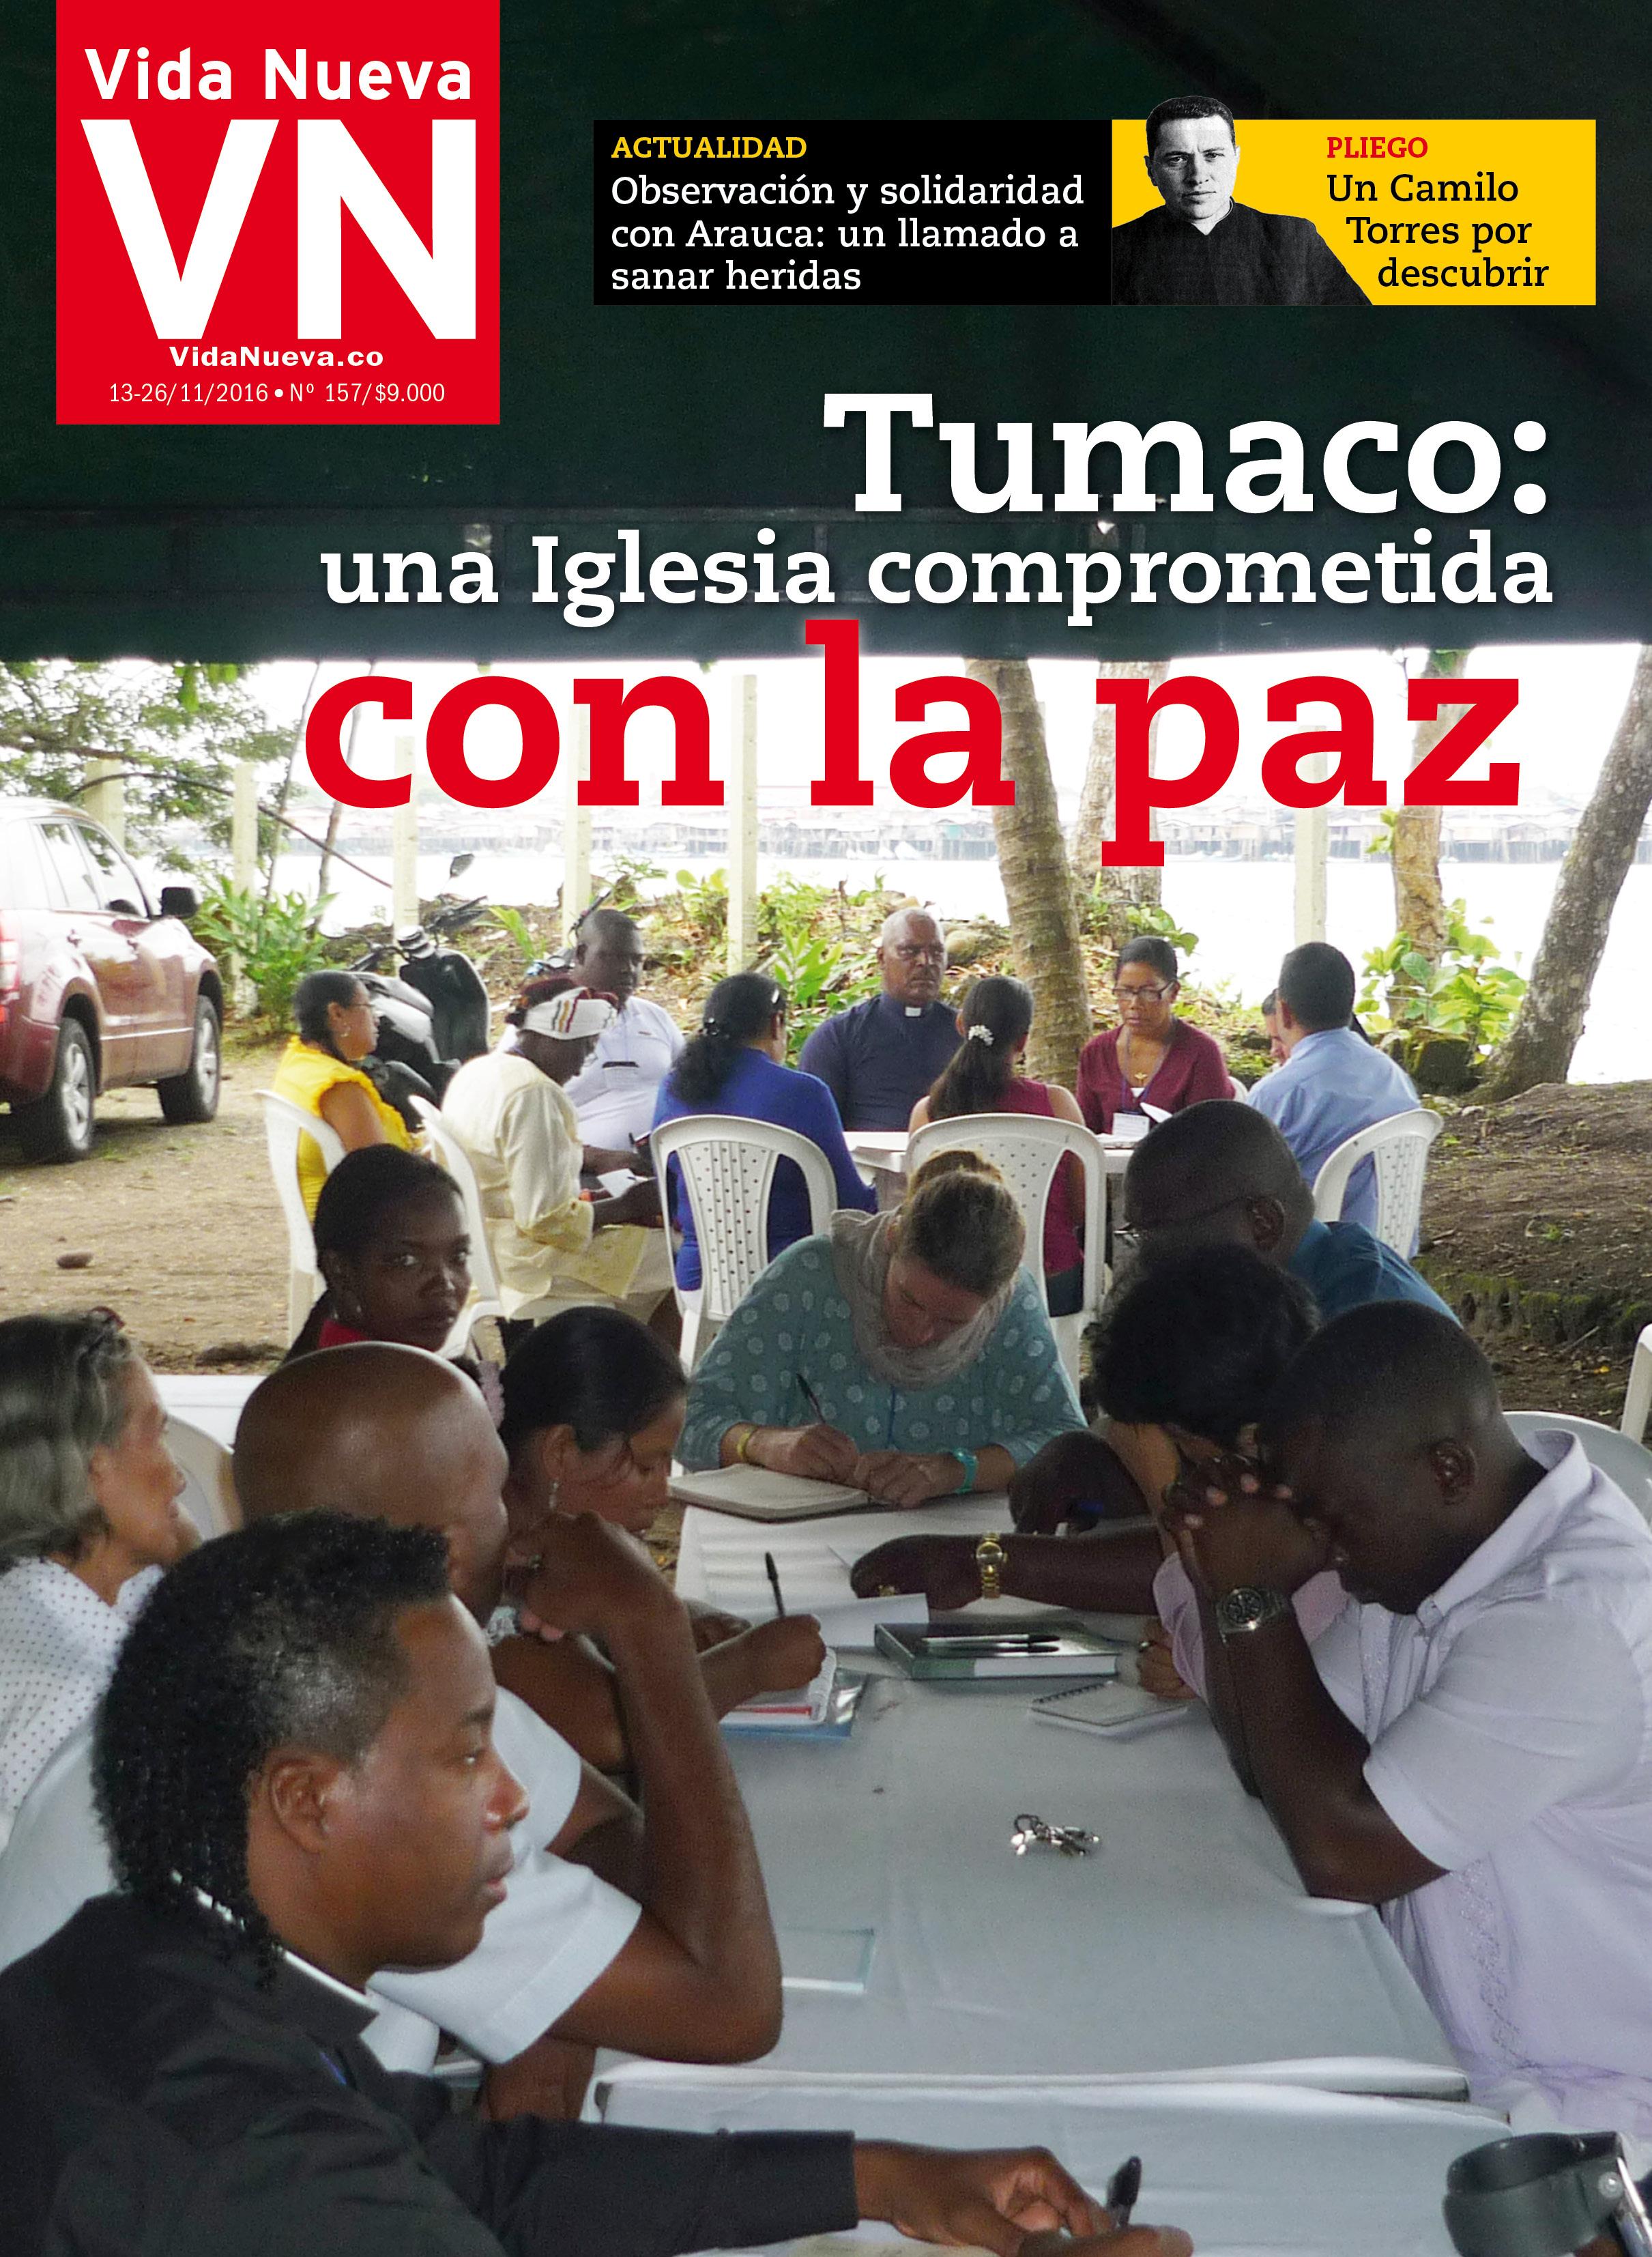 Vida Nueva Colombia Edición 157, Formación Humana y Religiosa. Revista